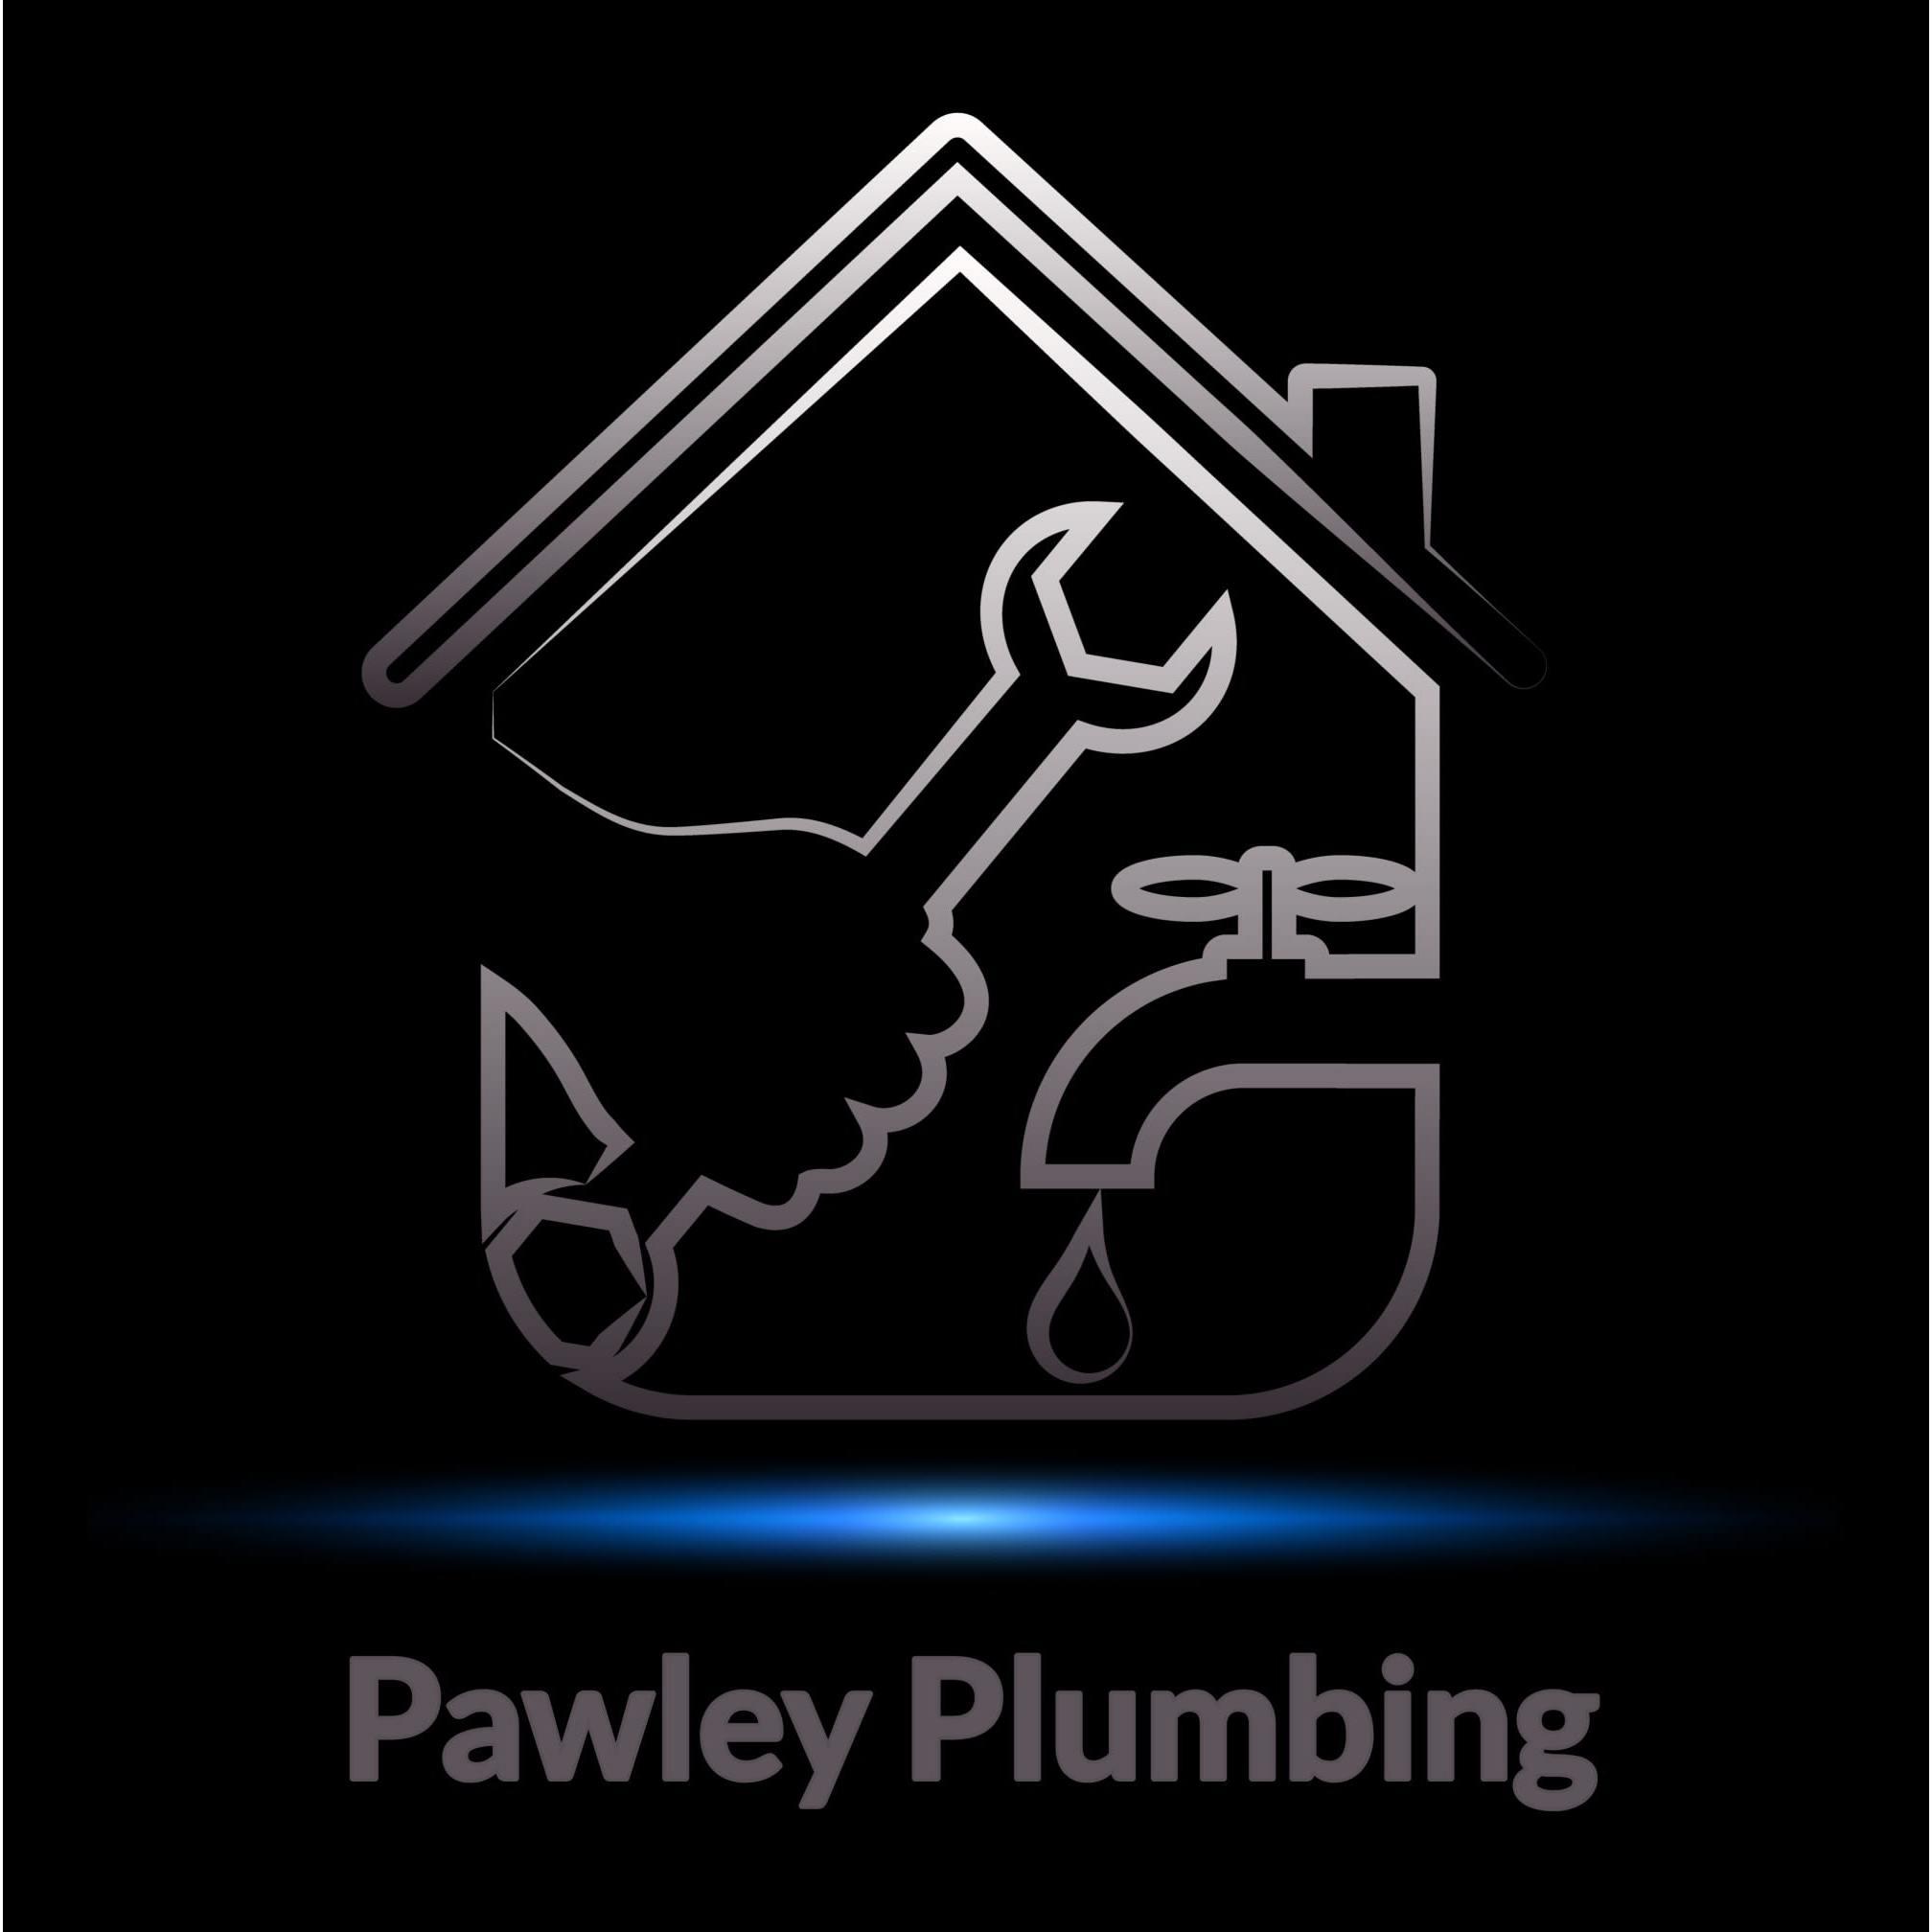 Pawley Plumbing & Heating